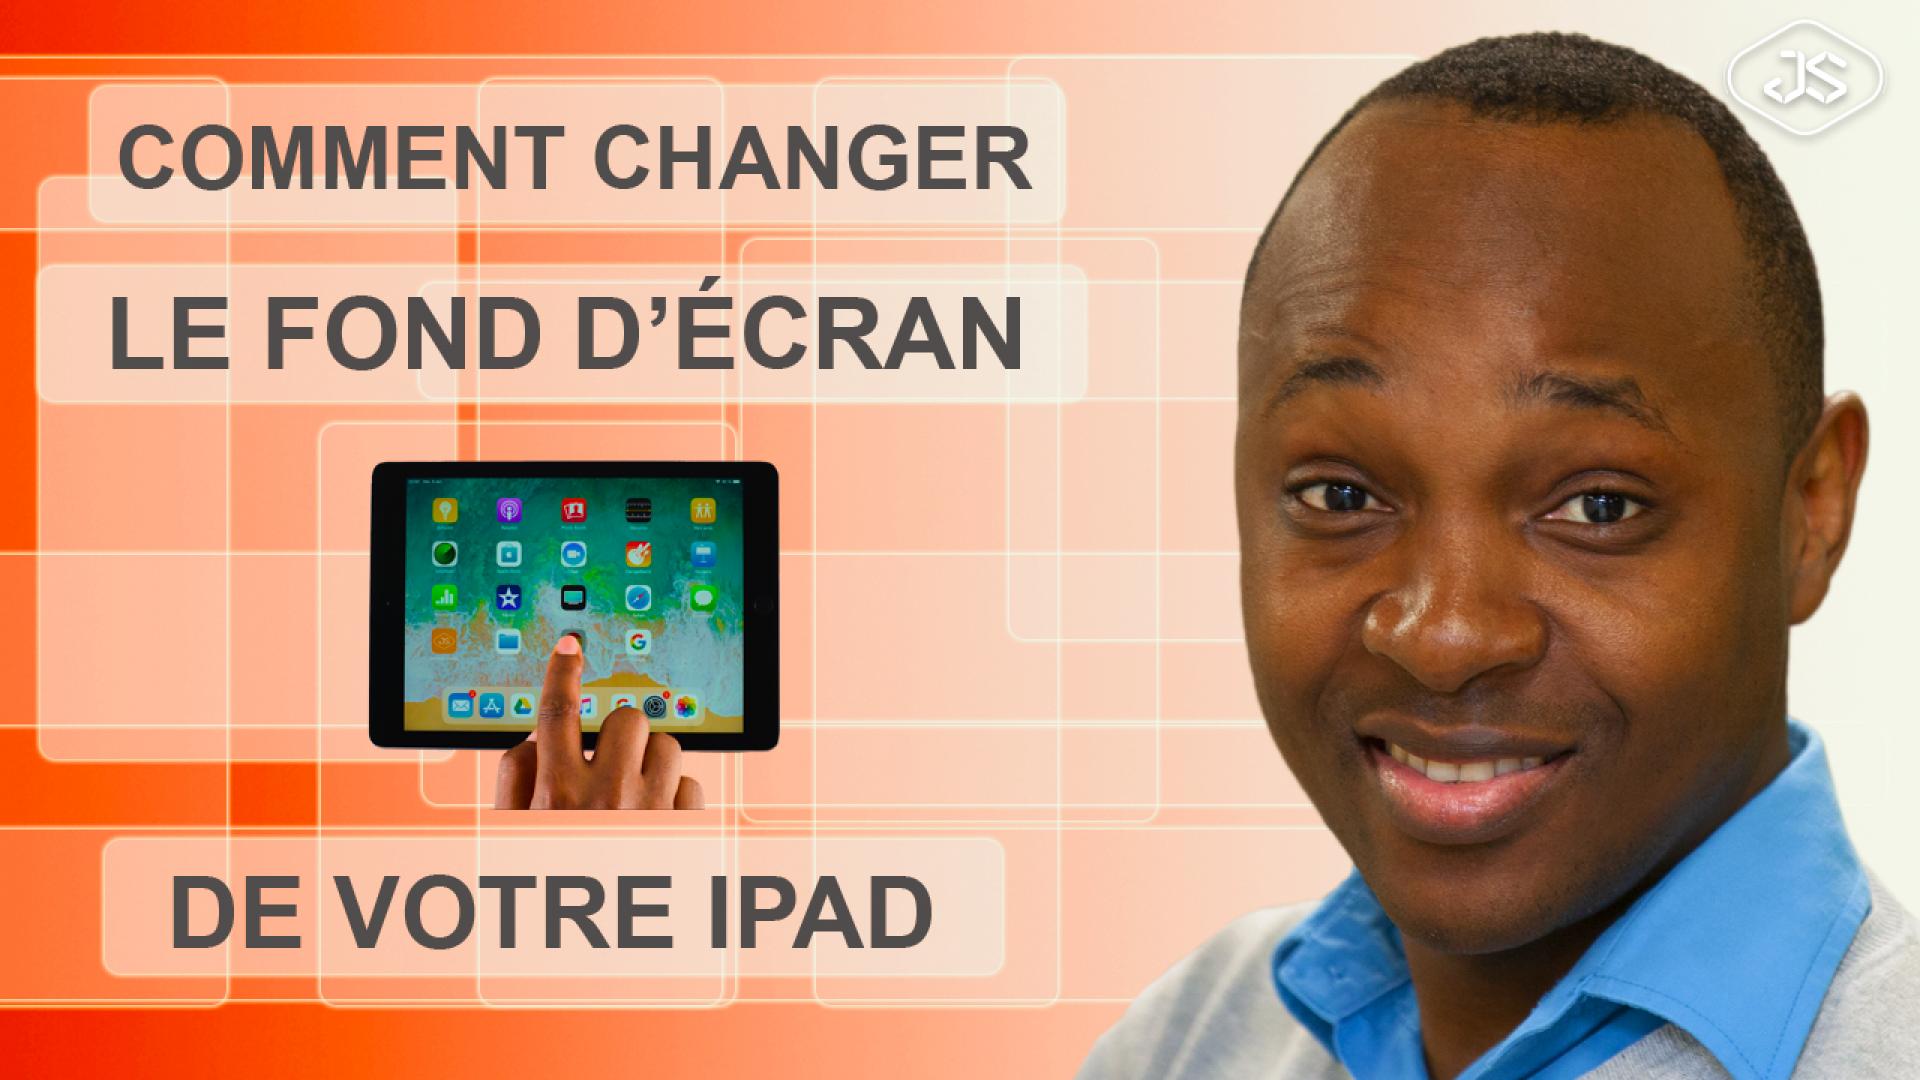 Comment changer le fond d'écran de votre iPad